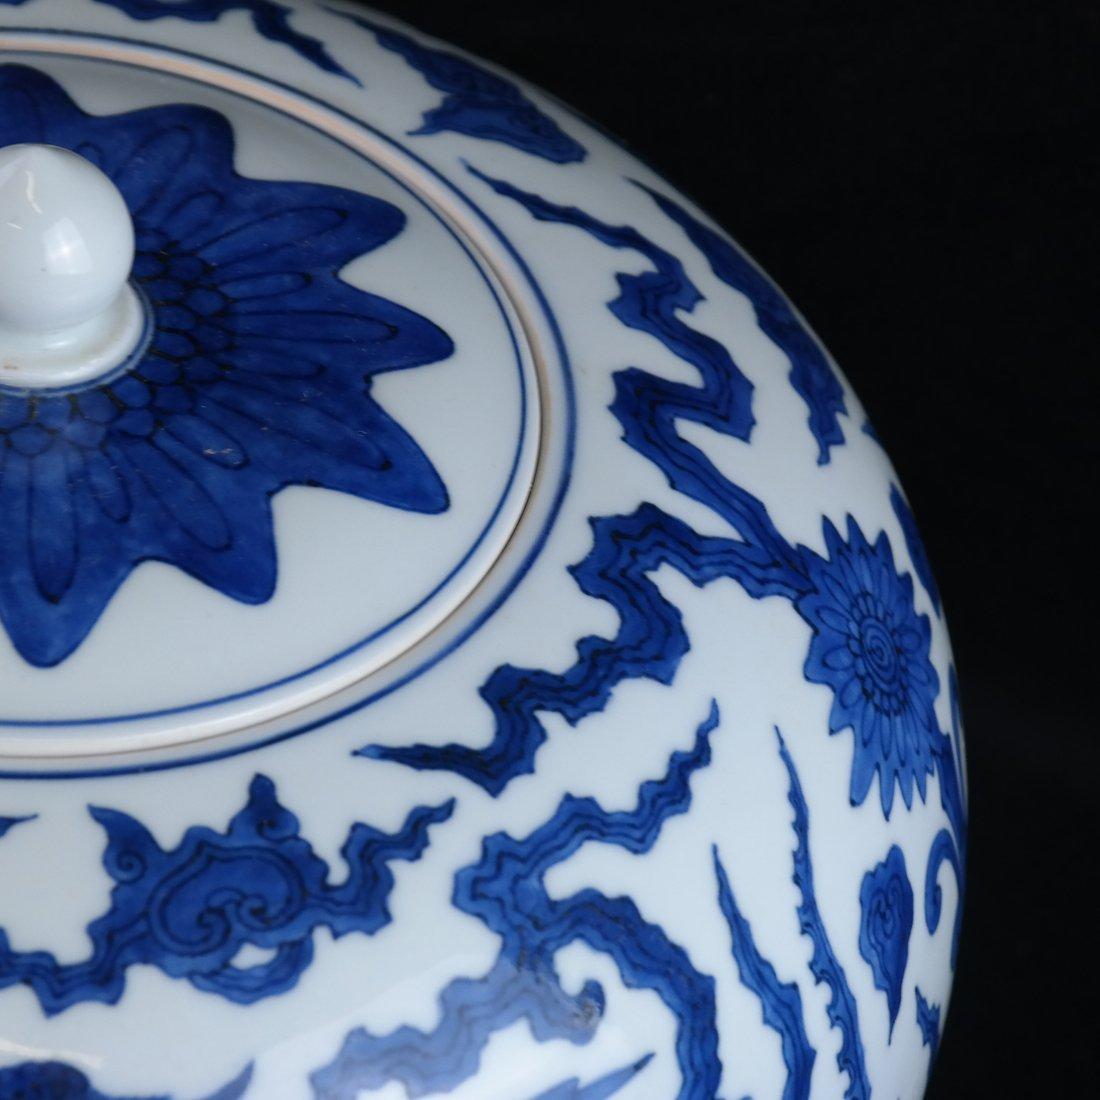 Asian-Style Blue & White Ginger Jar - 4